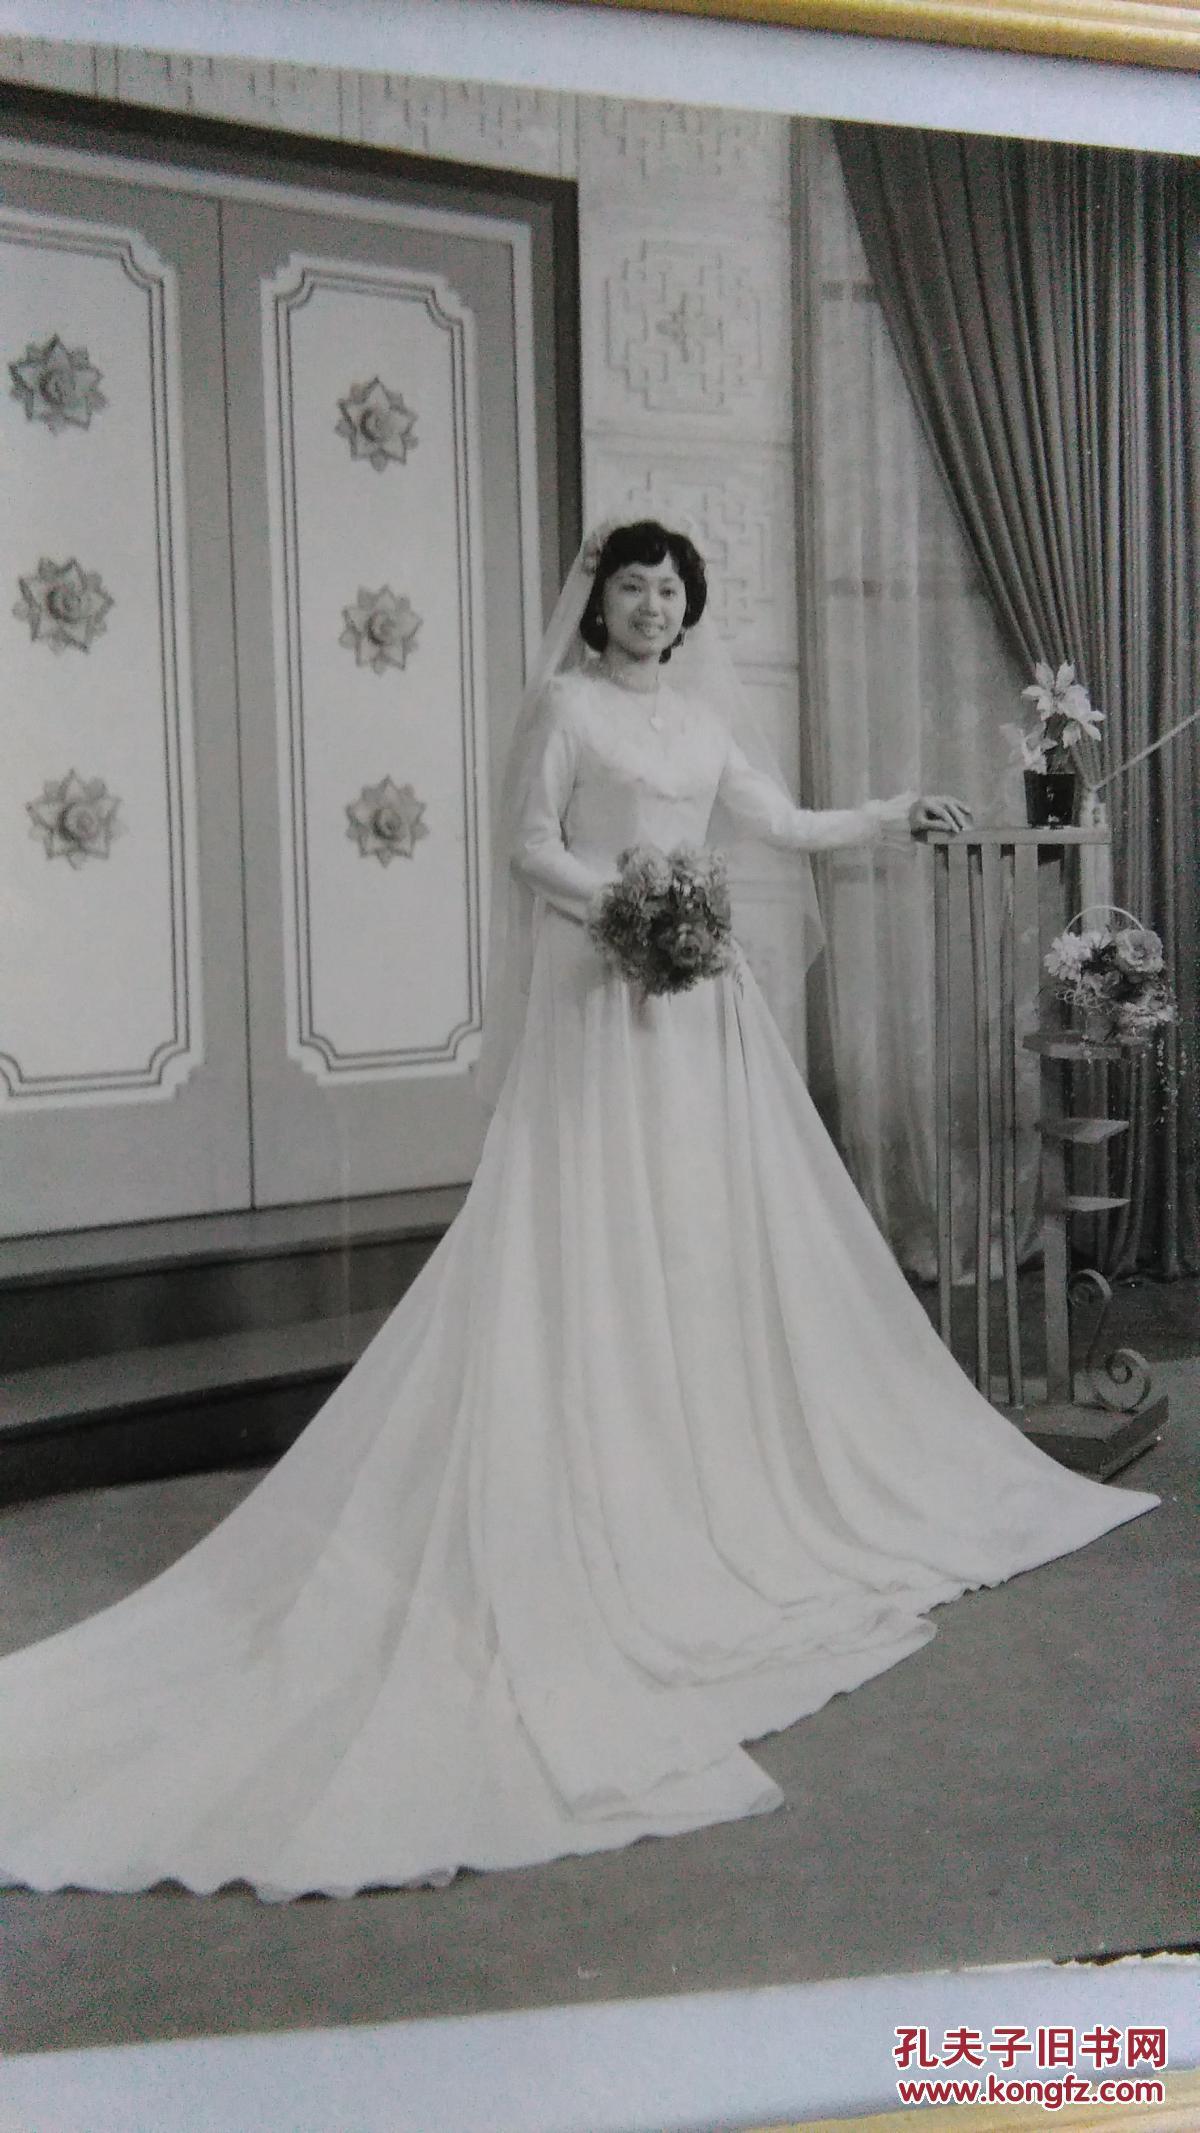 漂亮美女,早期唯美的婚纱时刻艺术照,已装框。压腿小美女图片